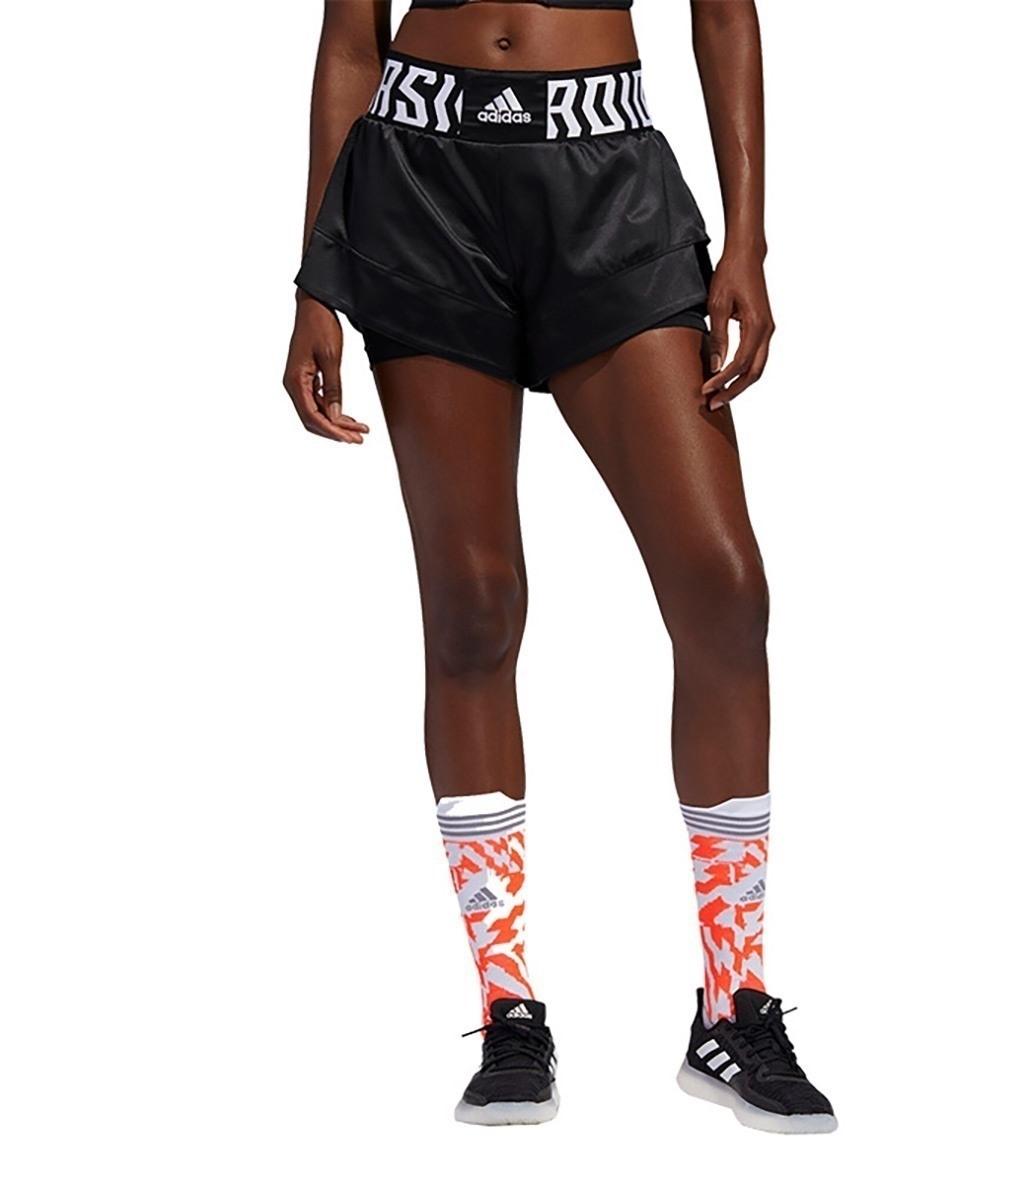 Adidas Tko Şort Siyah